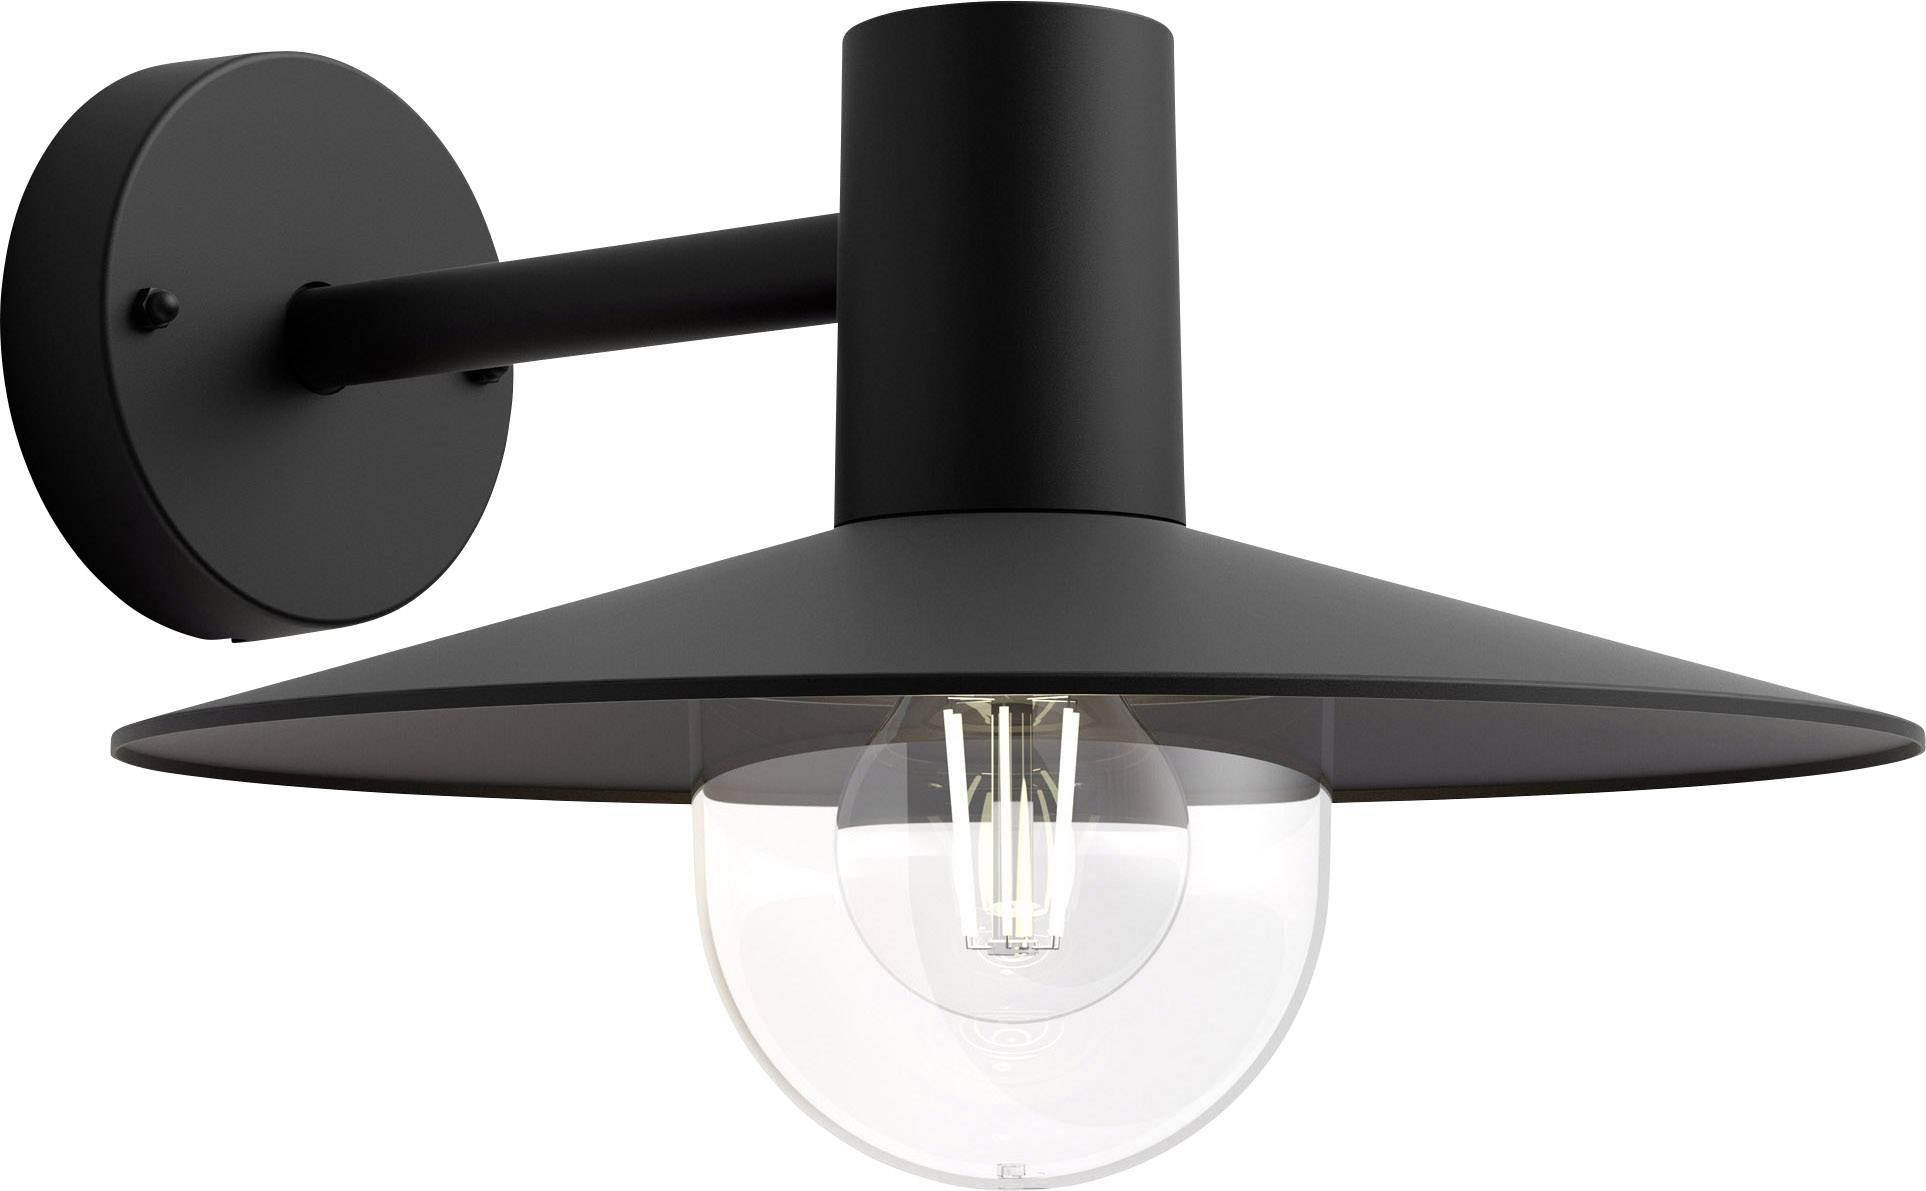 Lampade Da Parete Per Esterni : Philips skua pn lampada da parete per esterno led e w